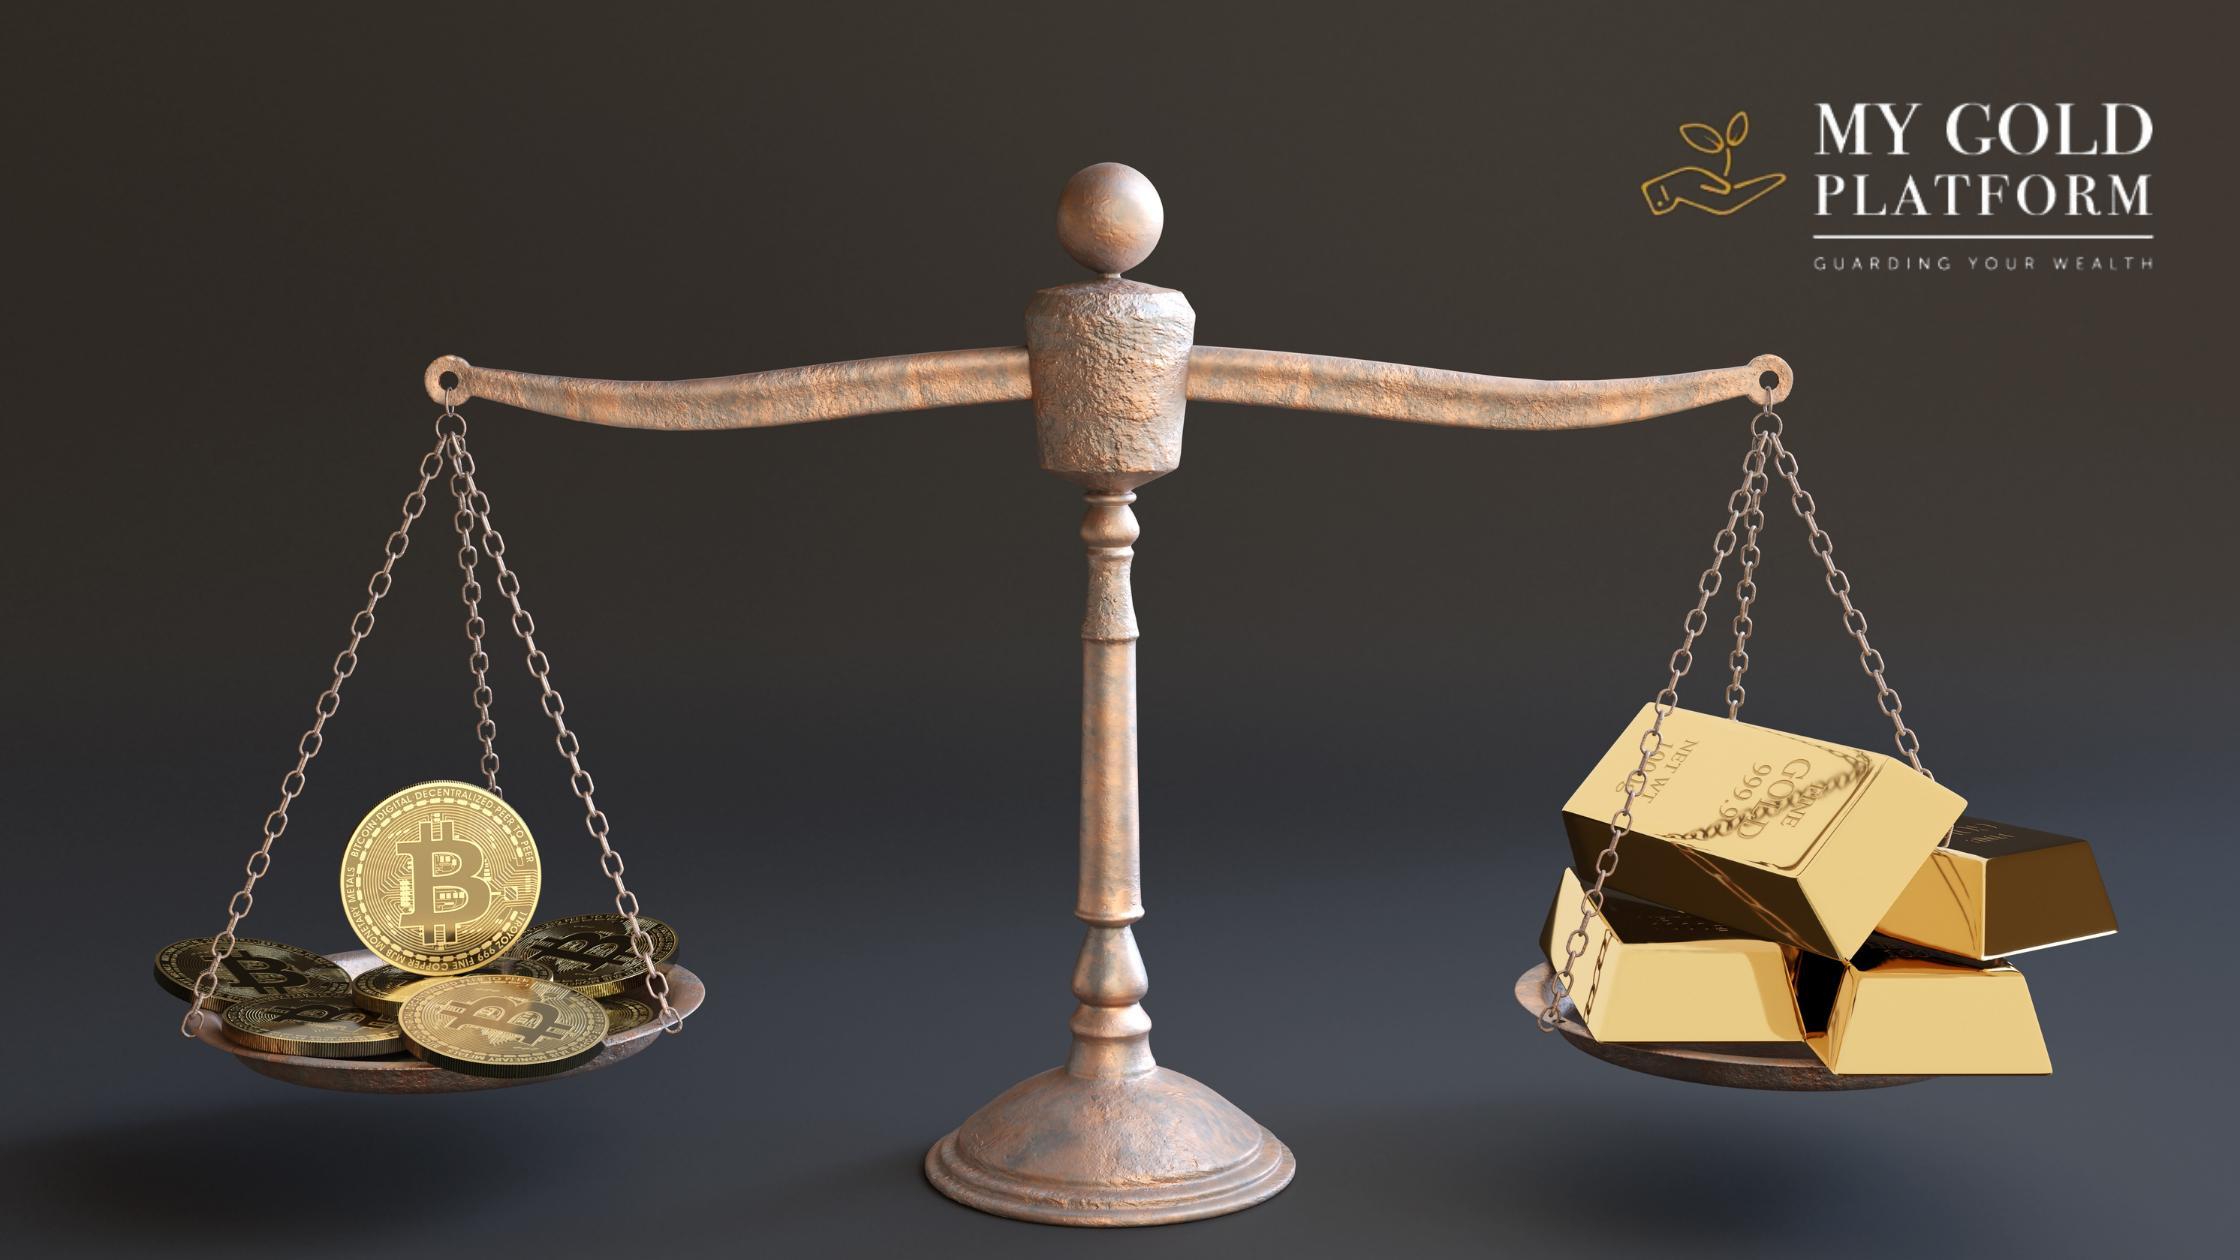 Cách chuyển từ tiền điện tử sang vàng và bảo toàn tài sản của bạn